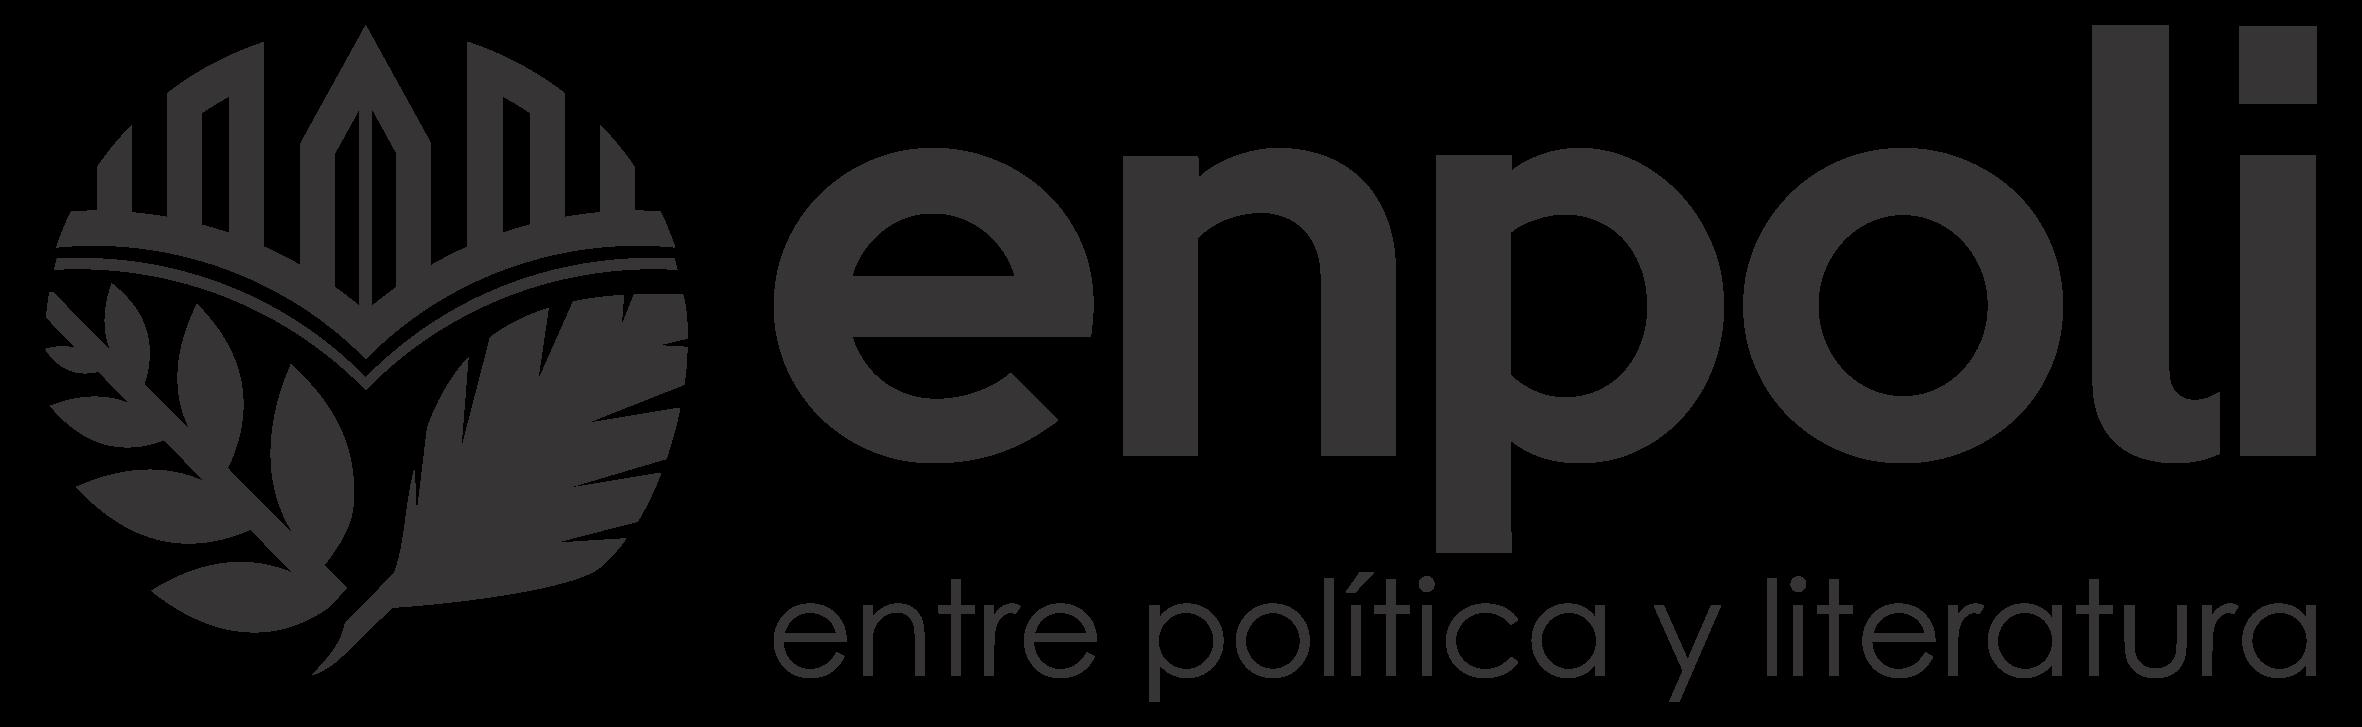 Enpoli logo